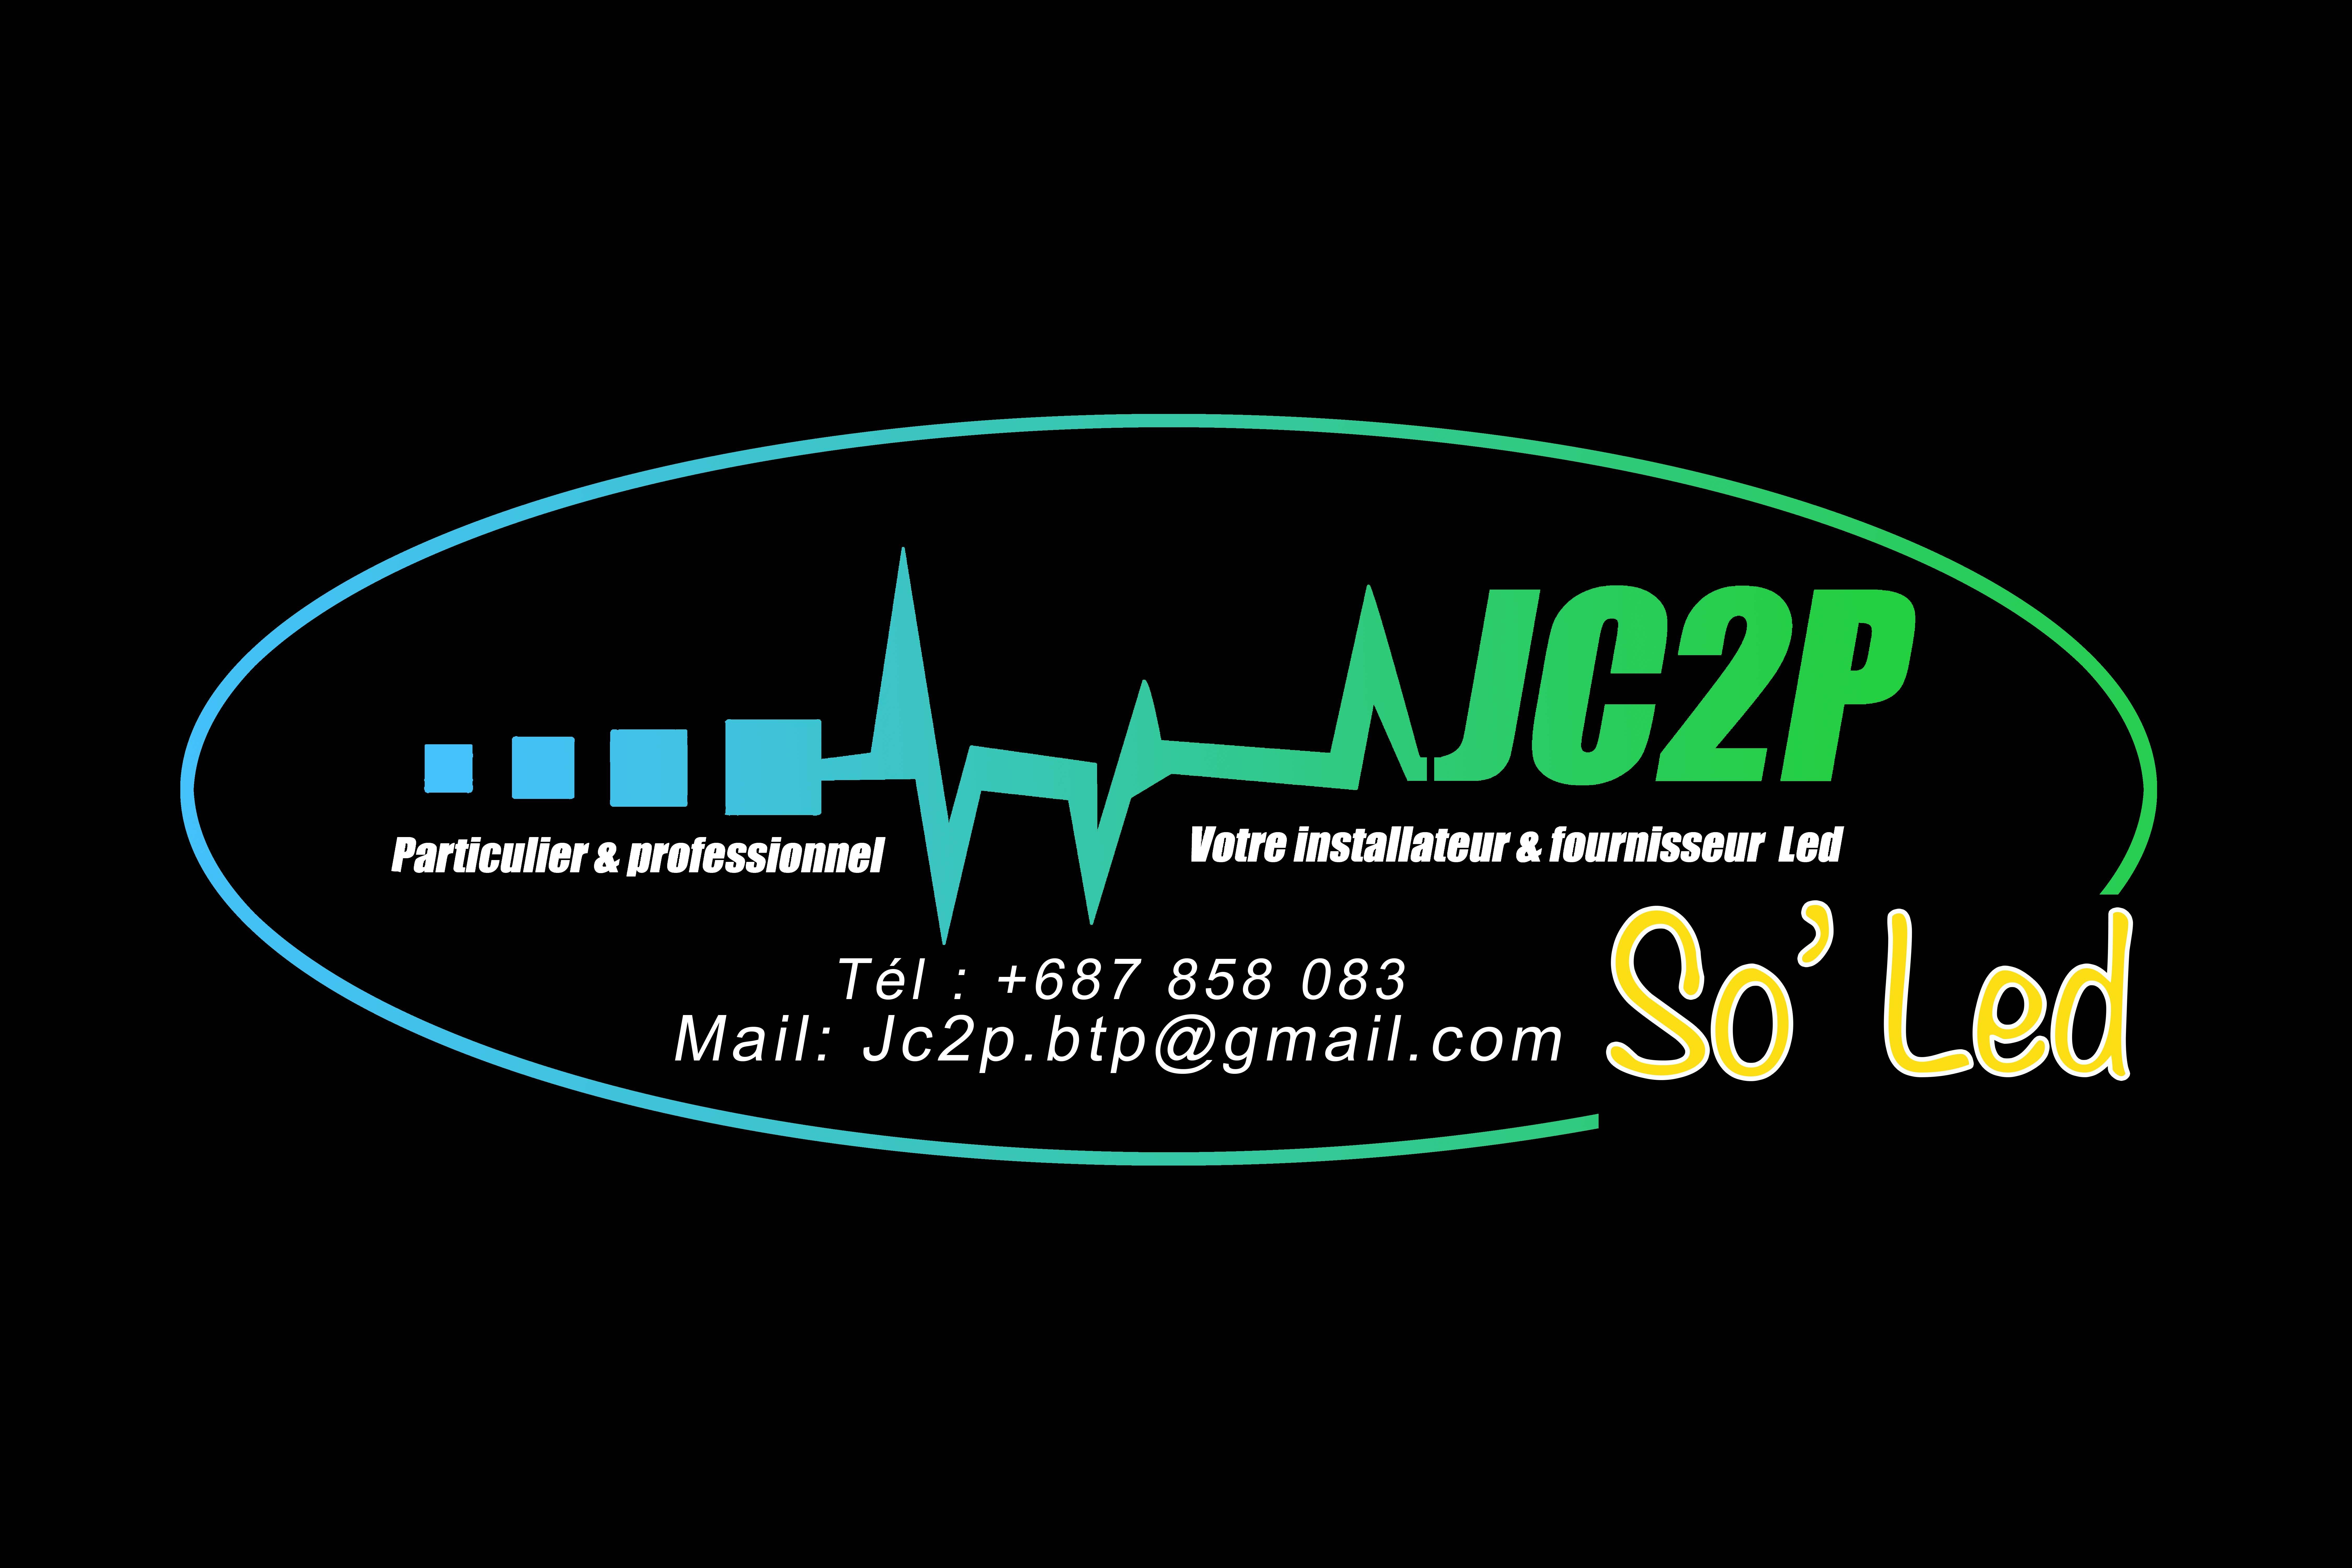 Jc2p logoBD